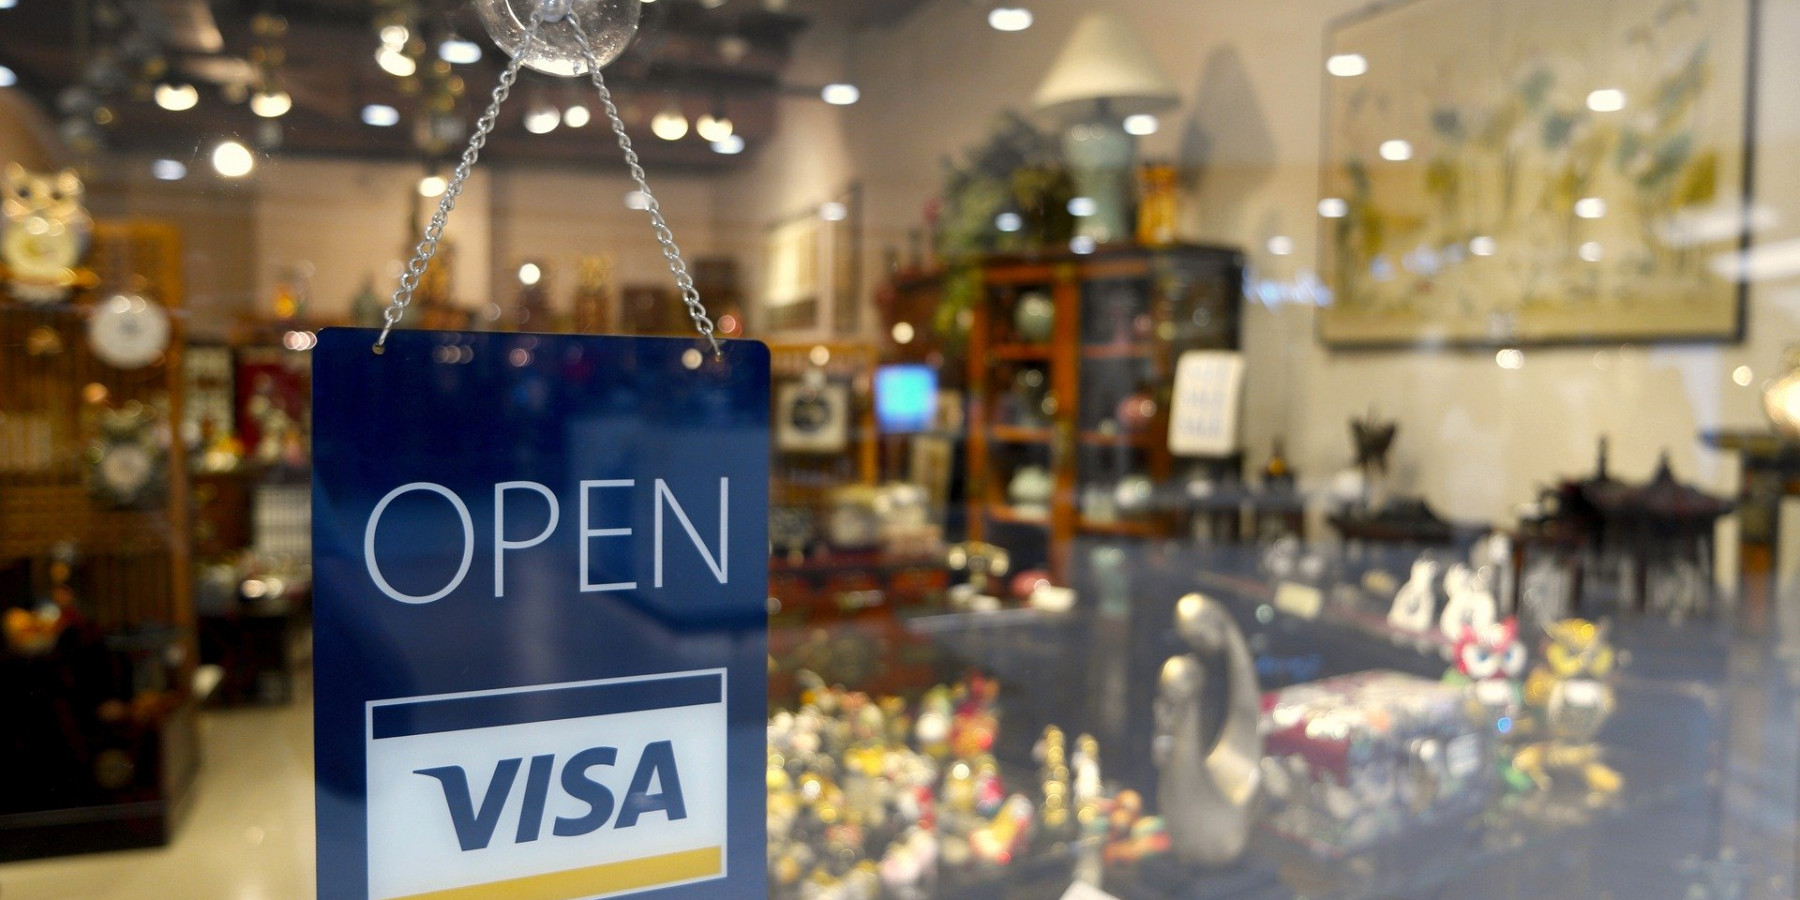 Ladenöffnung: Stadt kontrolliert Infektionsschutz-Maßnahmen